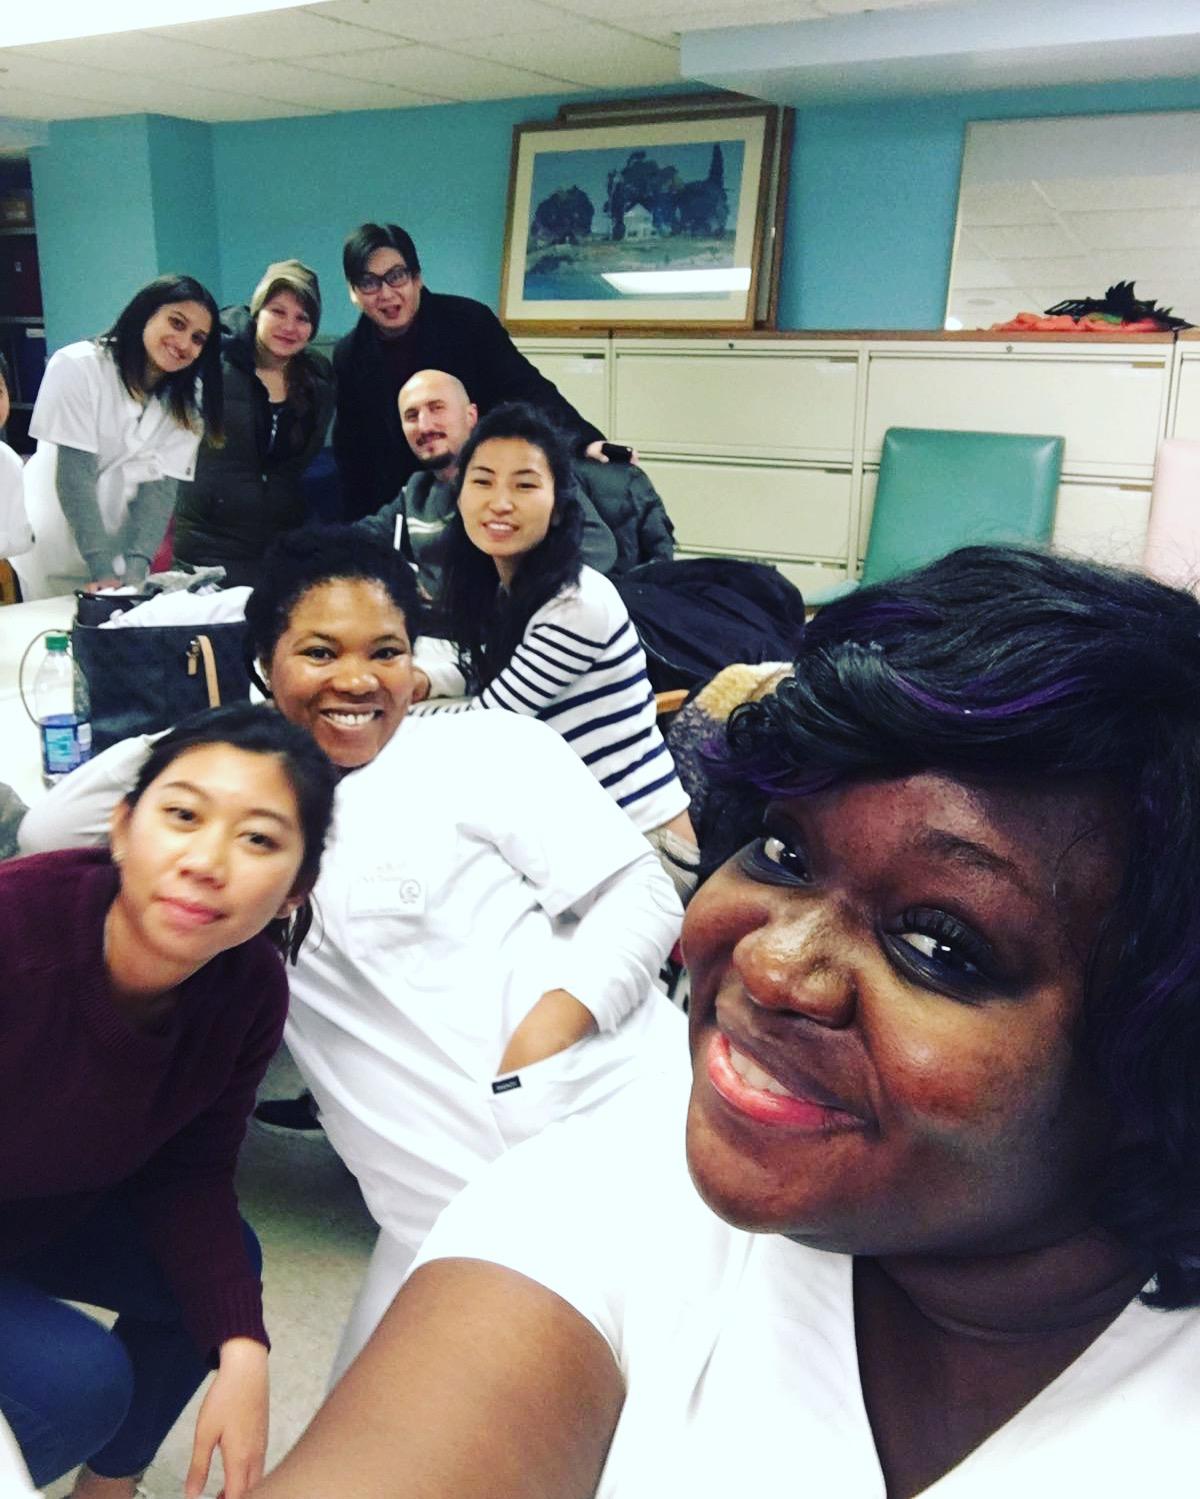 St Vincent De Paul Nursing Home 900 Intervale Ave Bronx